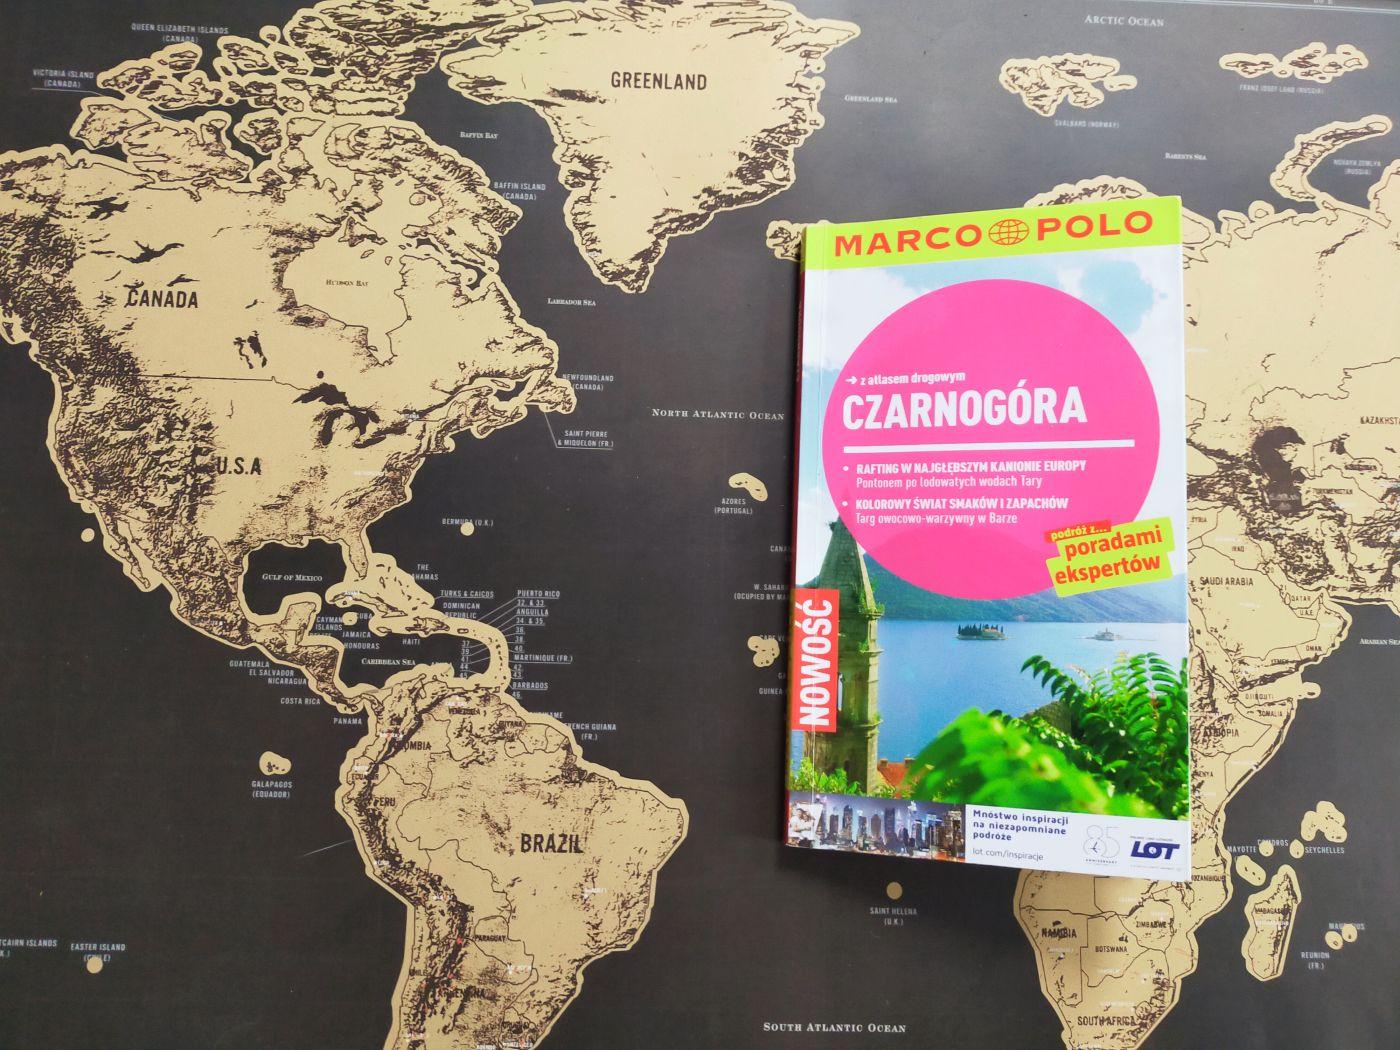 Przewodnik po Czarnogórze, wydawnictwo Marco Polo